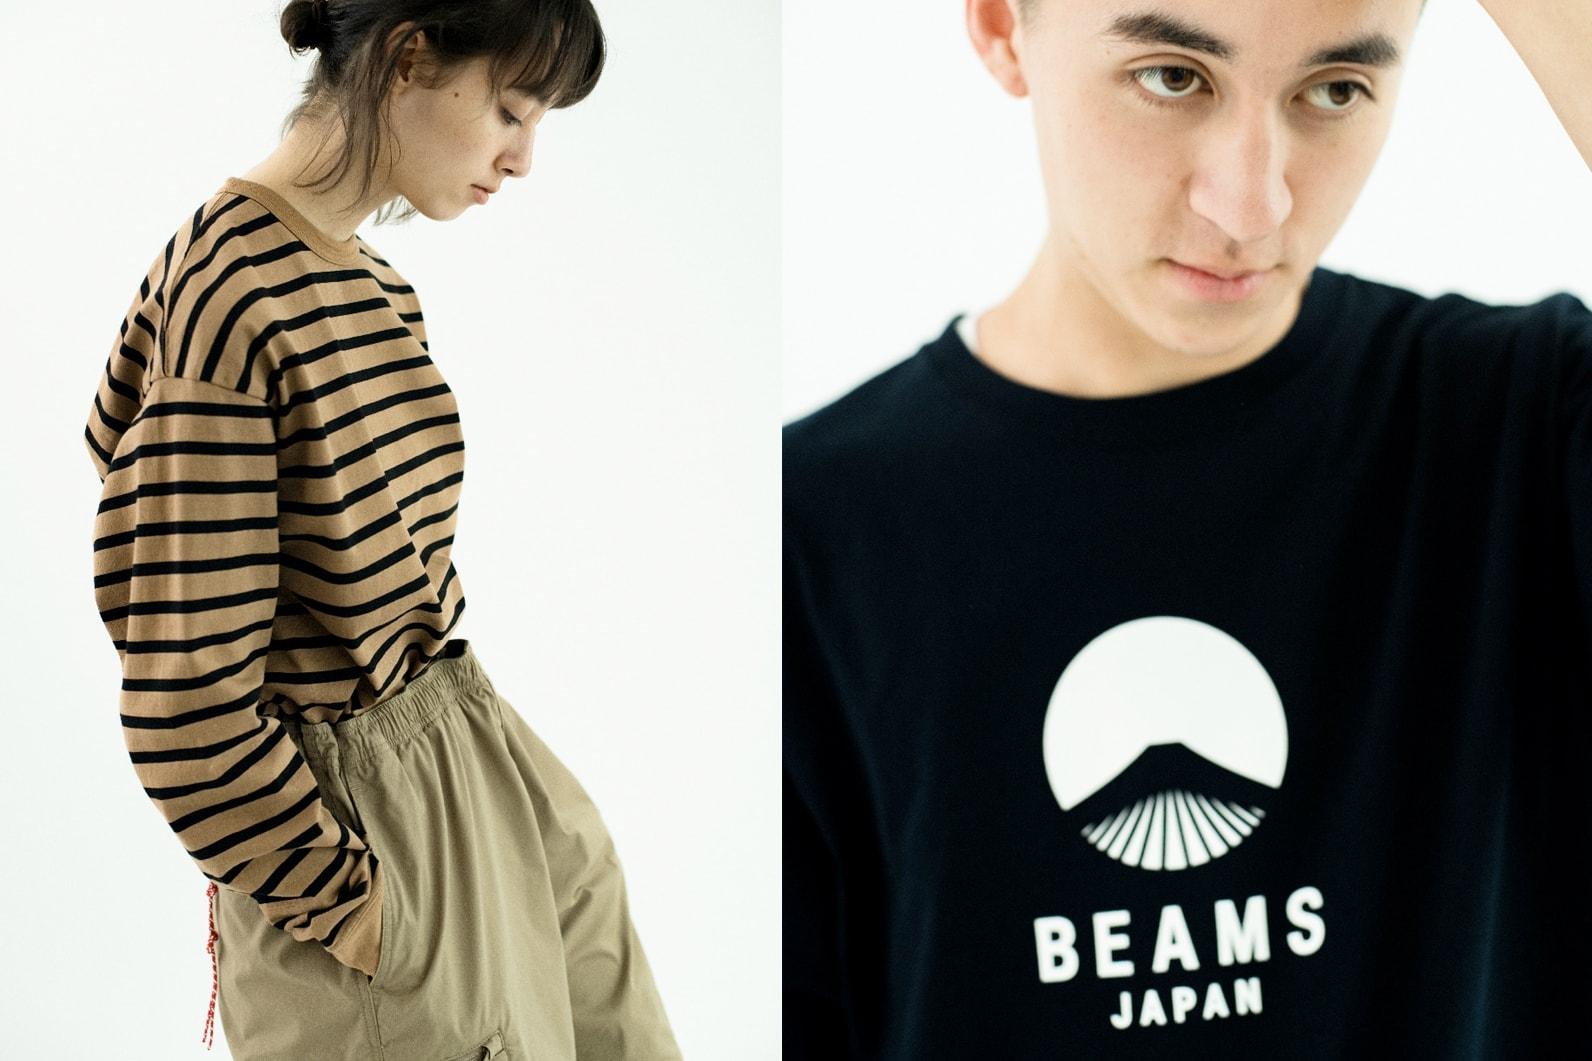 BEAMS JAPAN 是如何将日本传统文化「流行化」?| 创意人观点